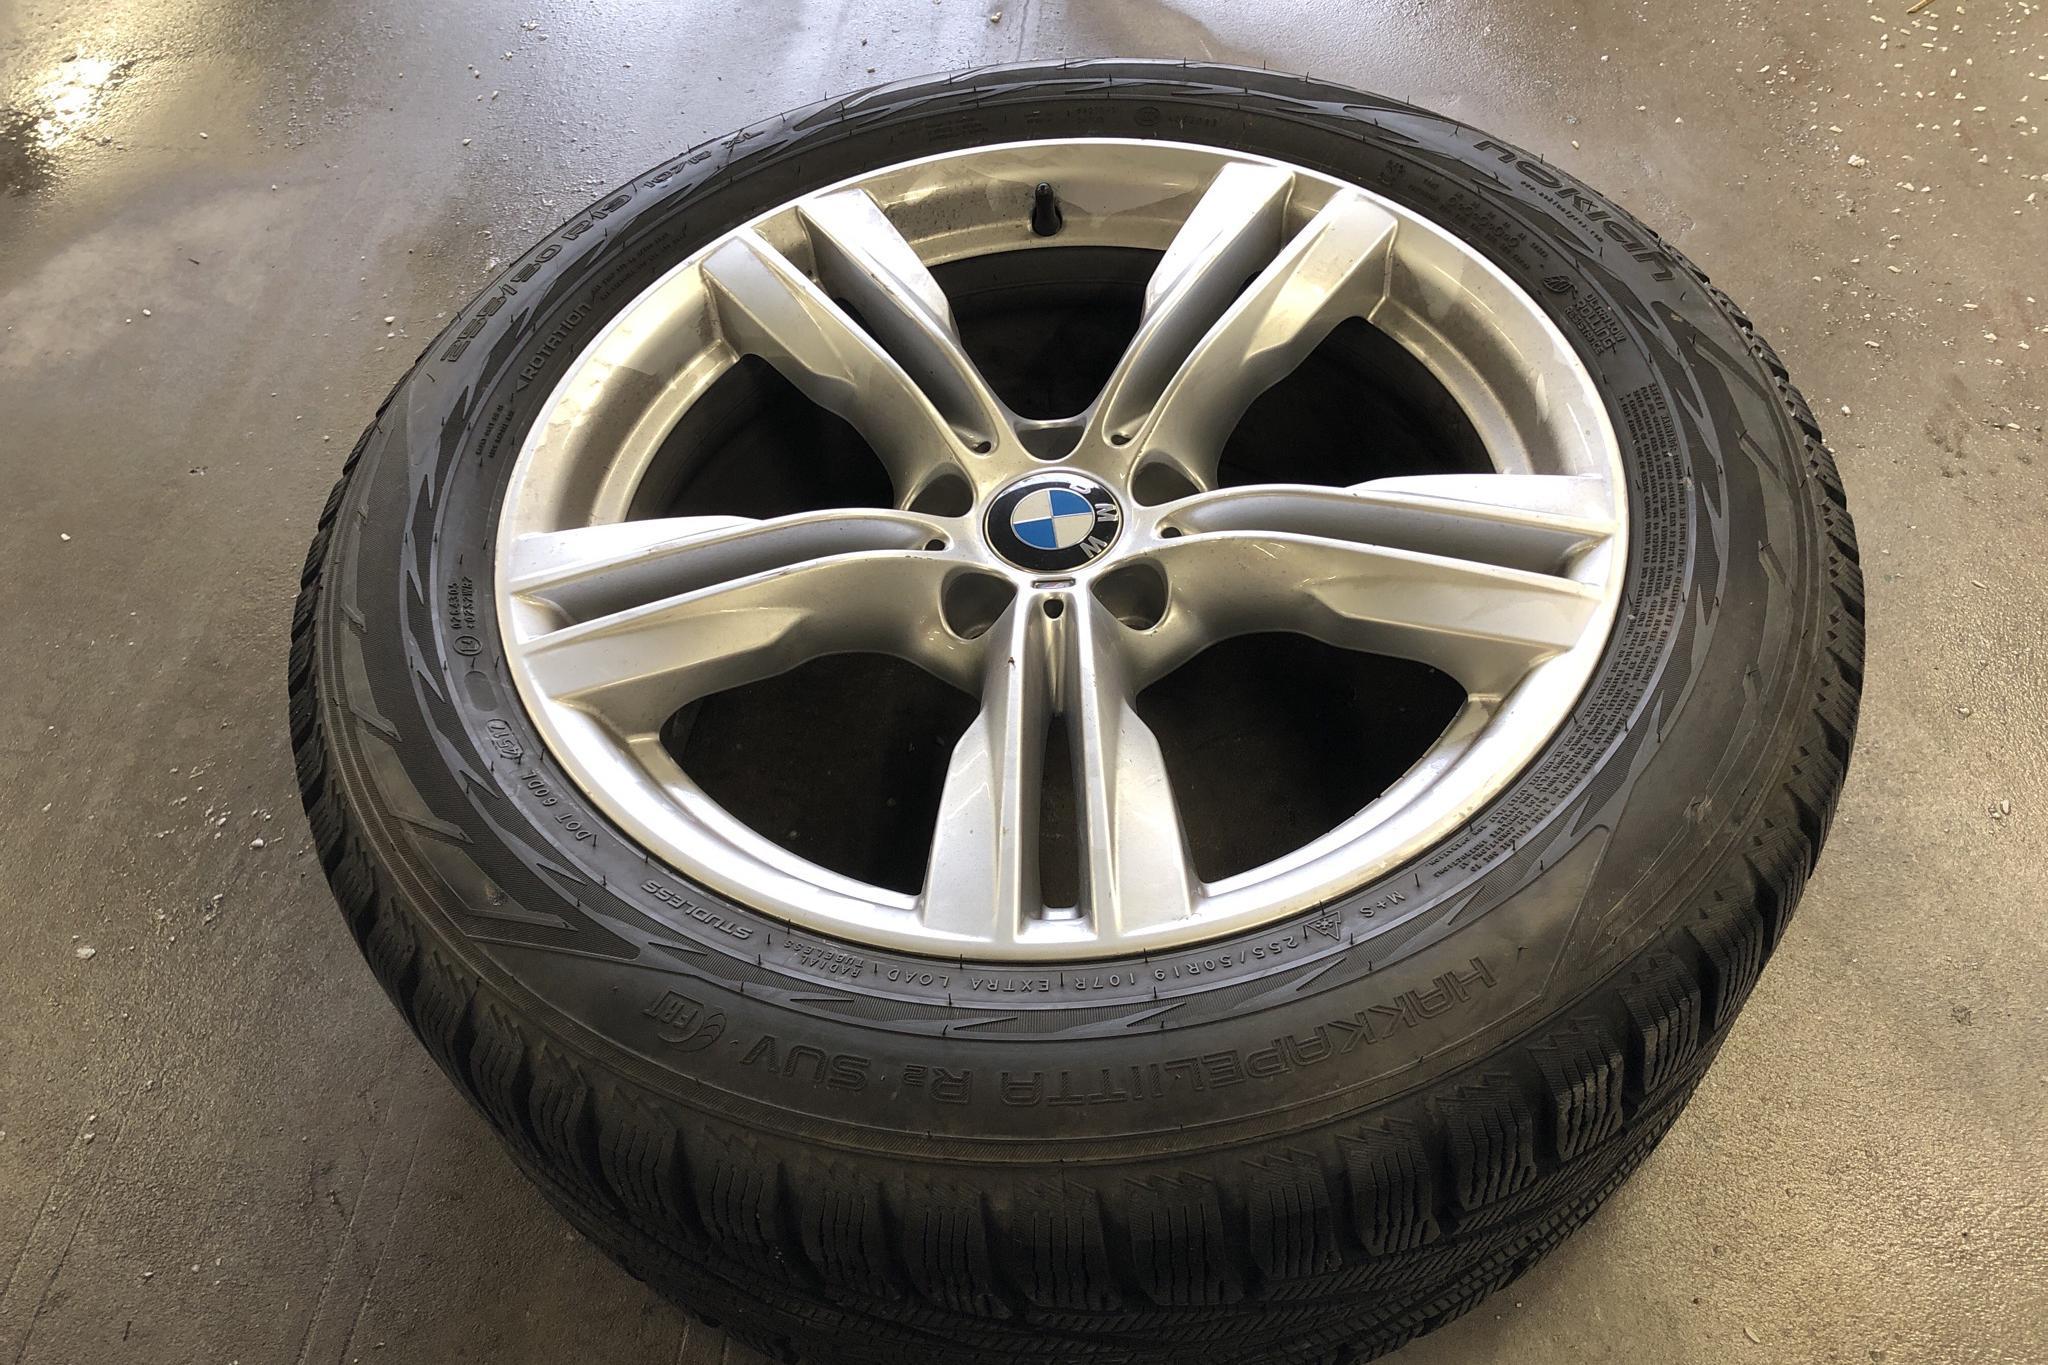 BMW X5 xDrive40d, F15 (313hk) - 123 780 km - Automatic - white - 2014